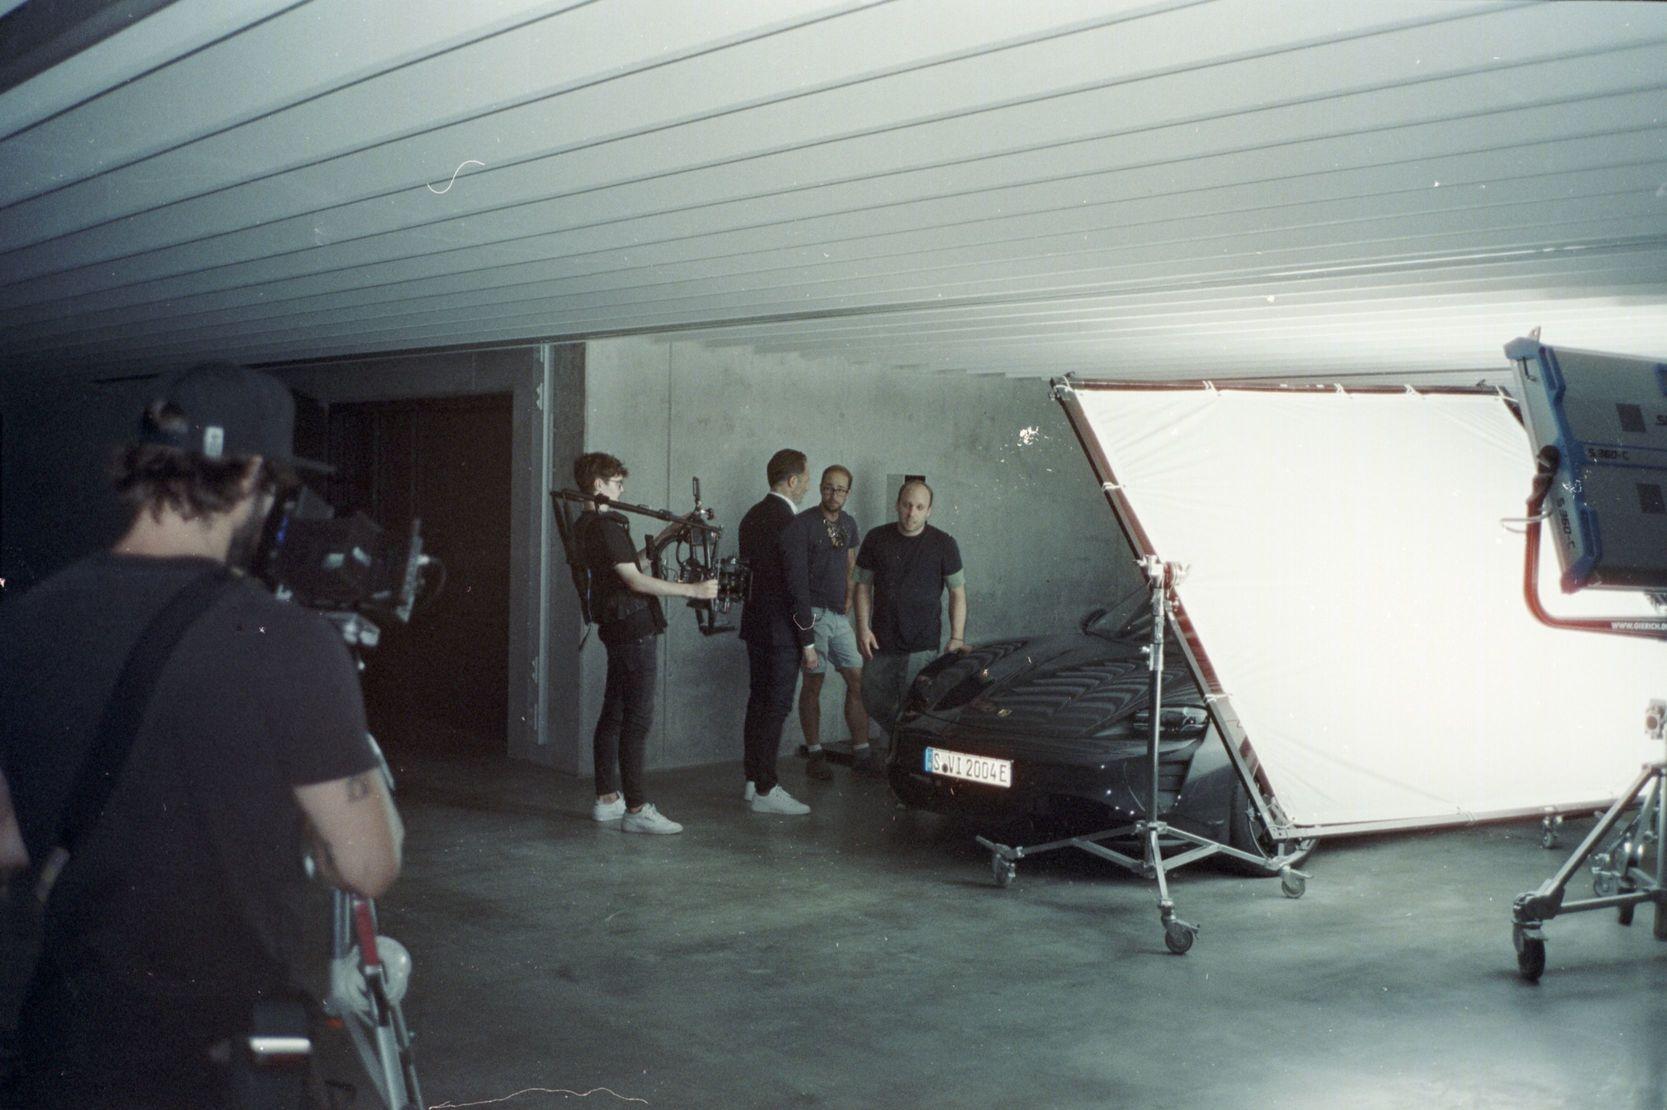 Porsche Werbefilm Filmproduktion in Stuttgart Postproduktion Taycan Dreh am Set mit Team Jürgen Christa Tim Wallstein Andre Danke Till Hennig Linus Kirschner